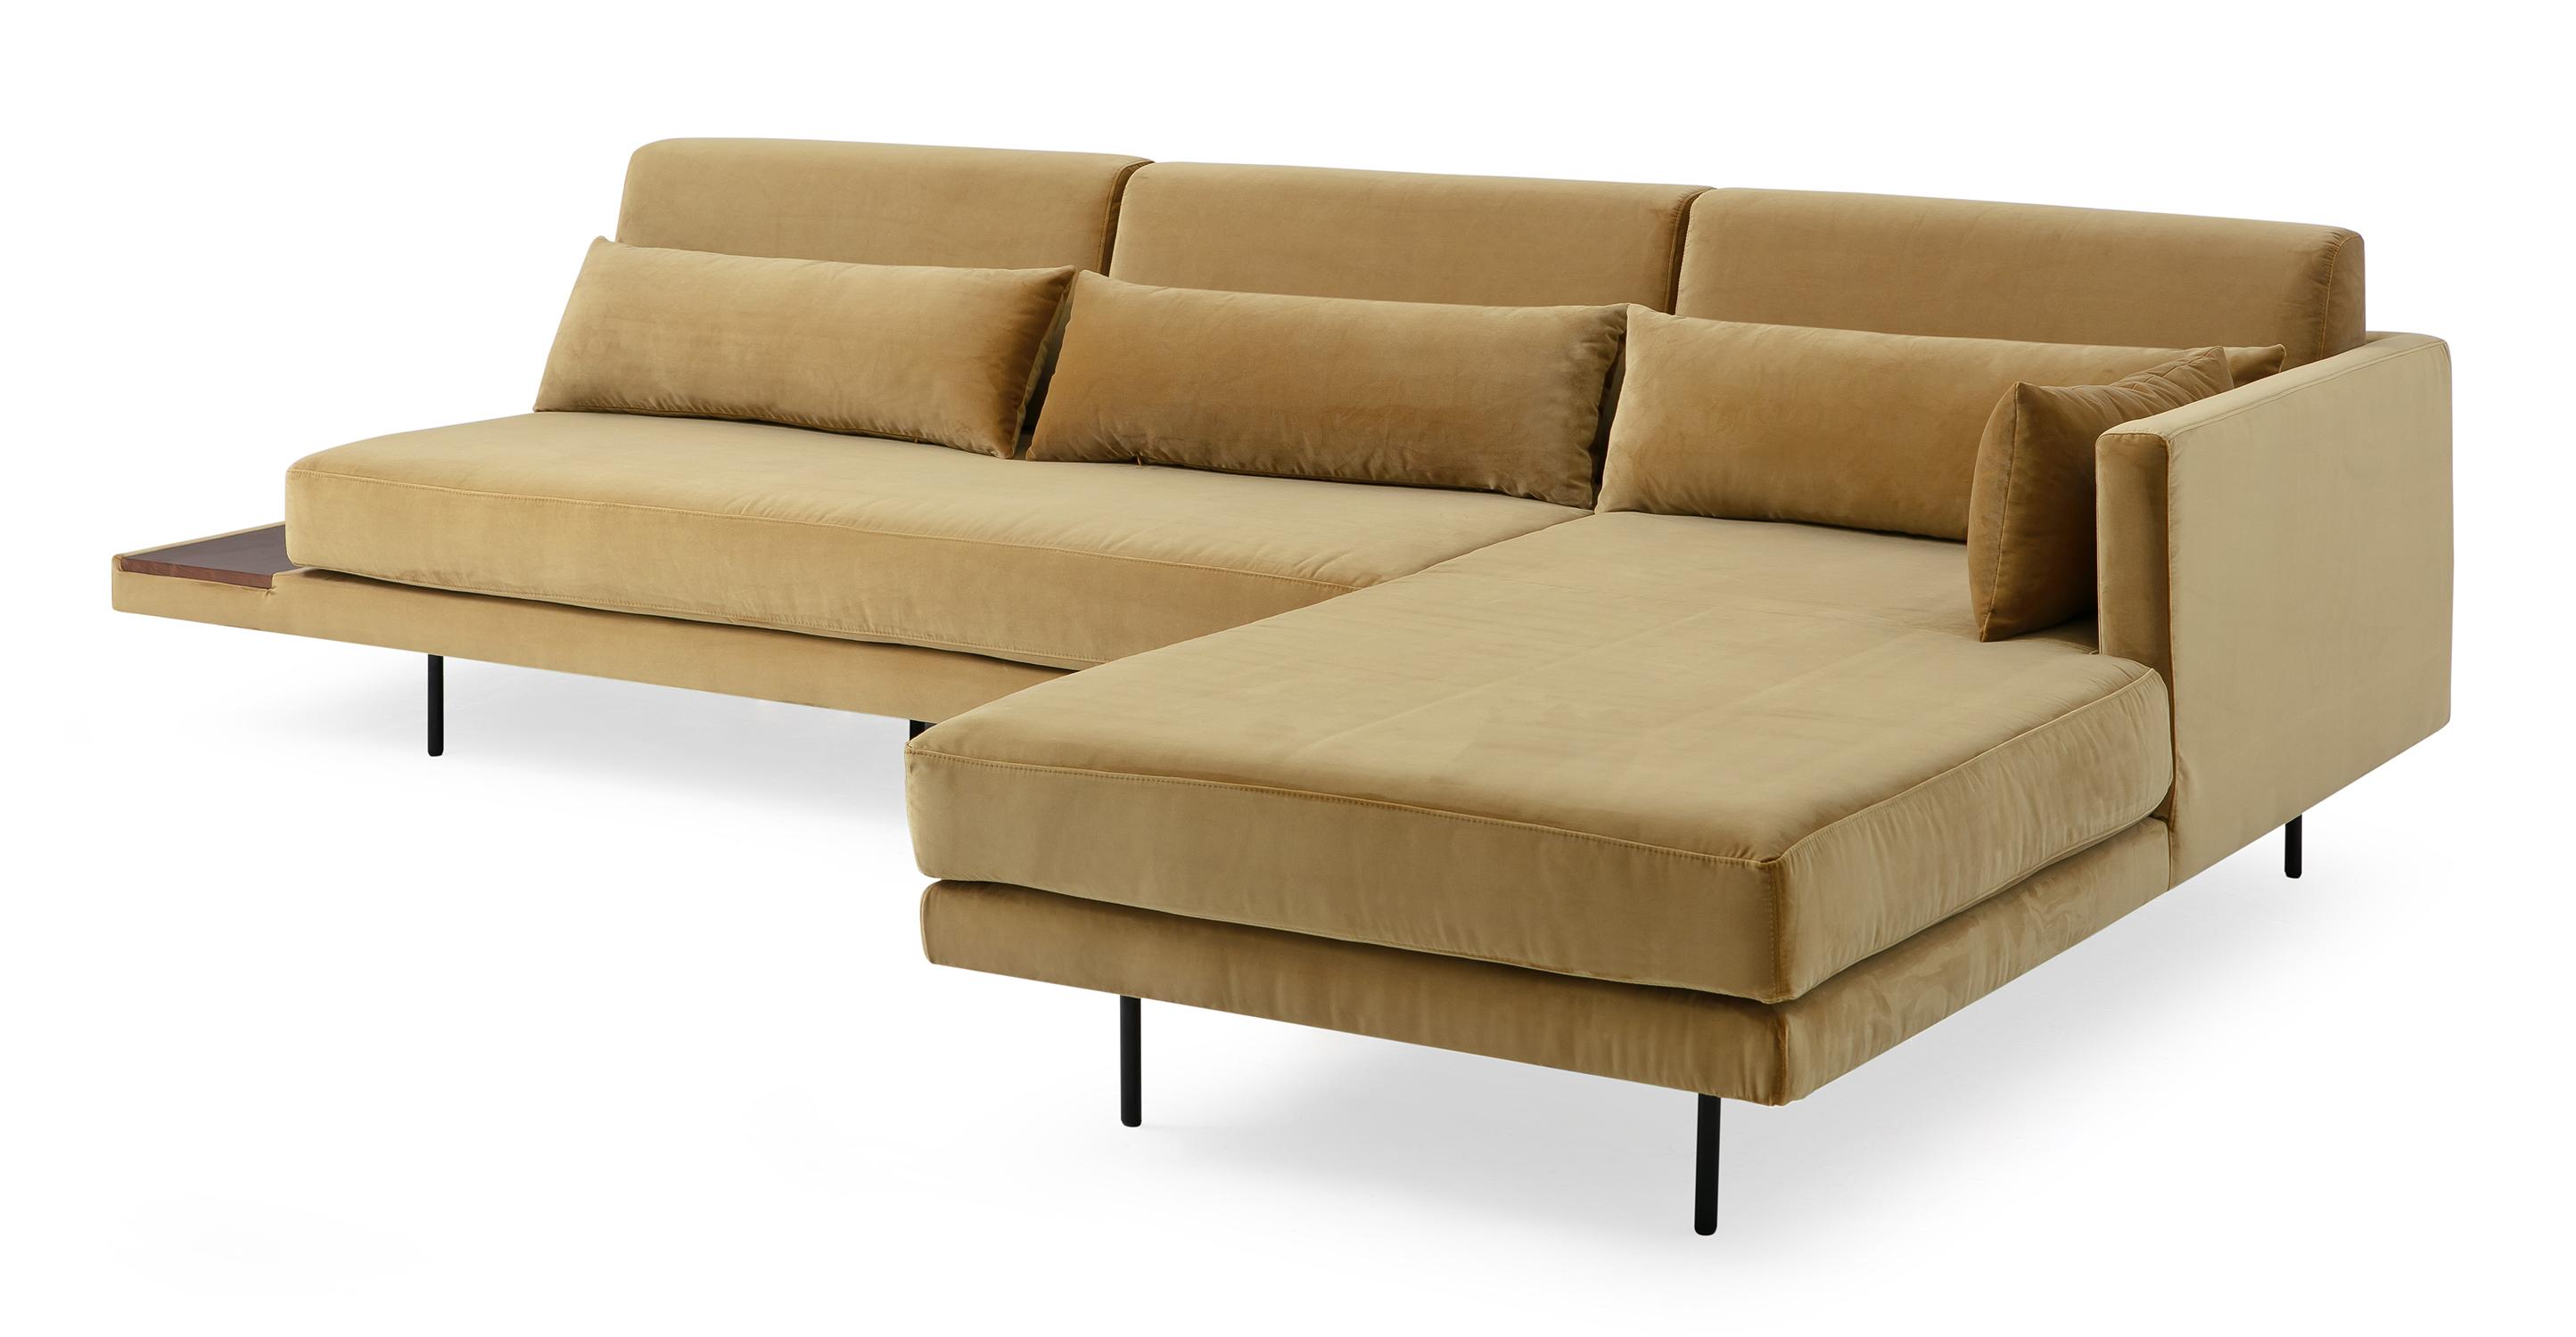 Davenport Mid Century Modern Sofa Sectional Merigold Velvet Kardiel